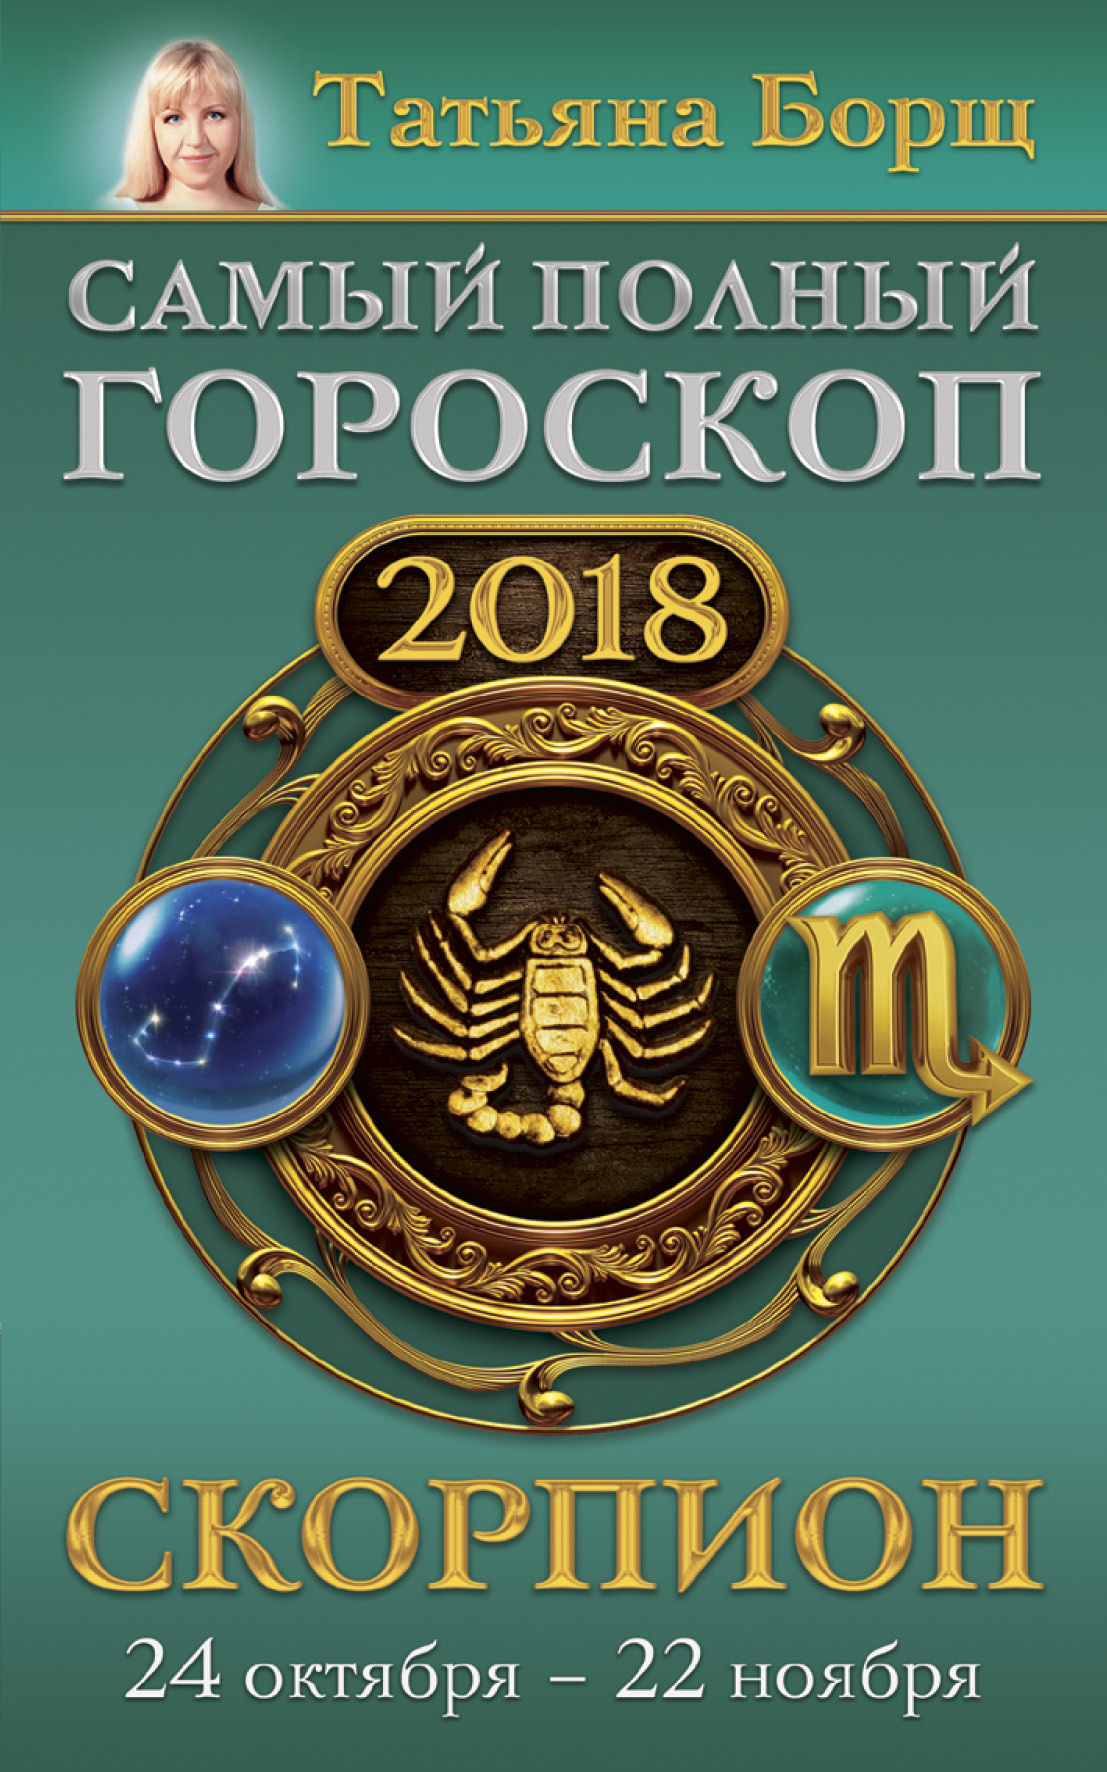 Скорпион. Самый полный гороскоп на 2018 год. 24 октября - 22 ноября ( Борщ Татьяна  )